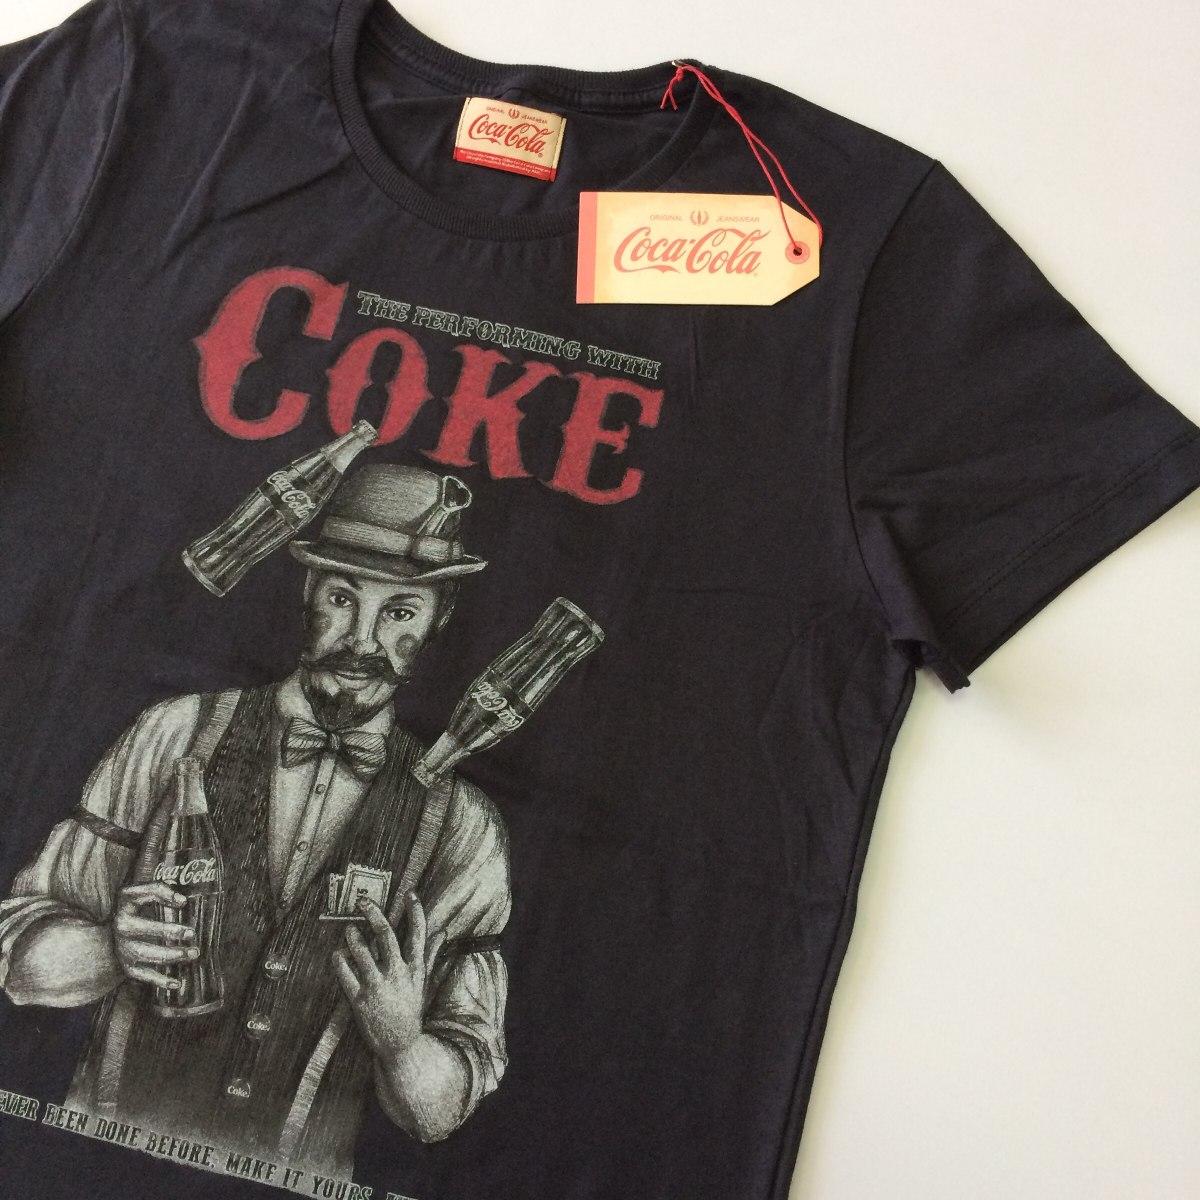 dff7c2b690 Camiseta Masculina Coca Cola Jeans Original Verão 2018 50056 - R ...